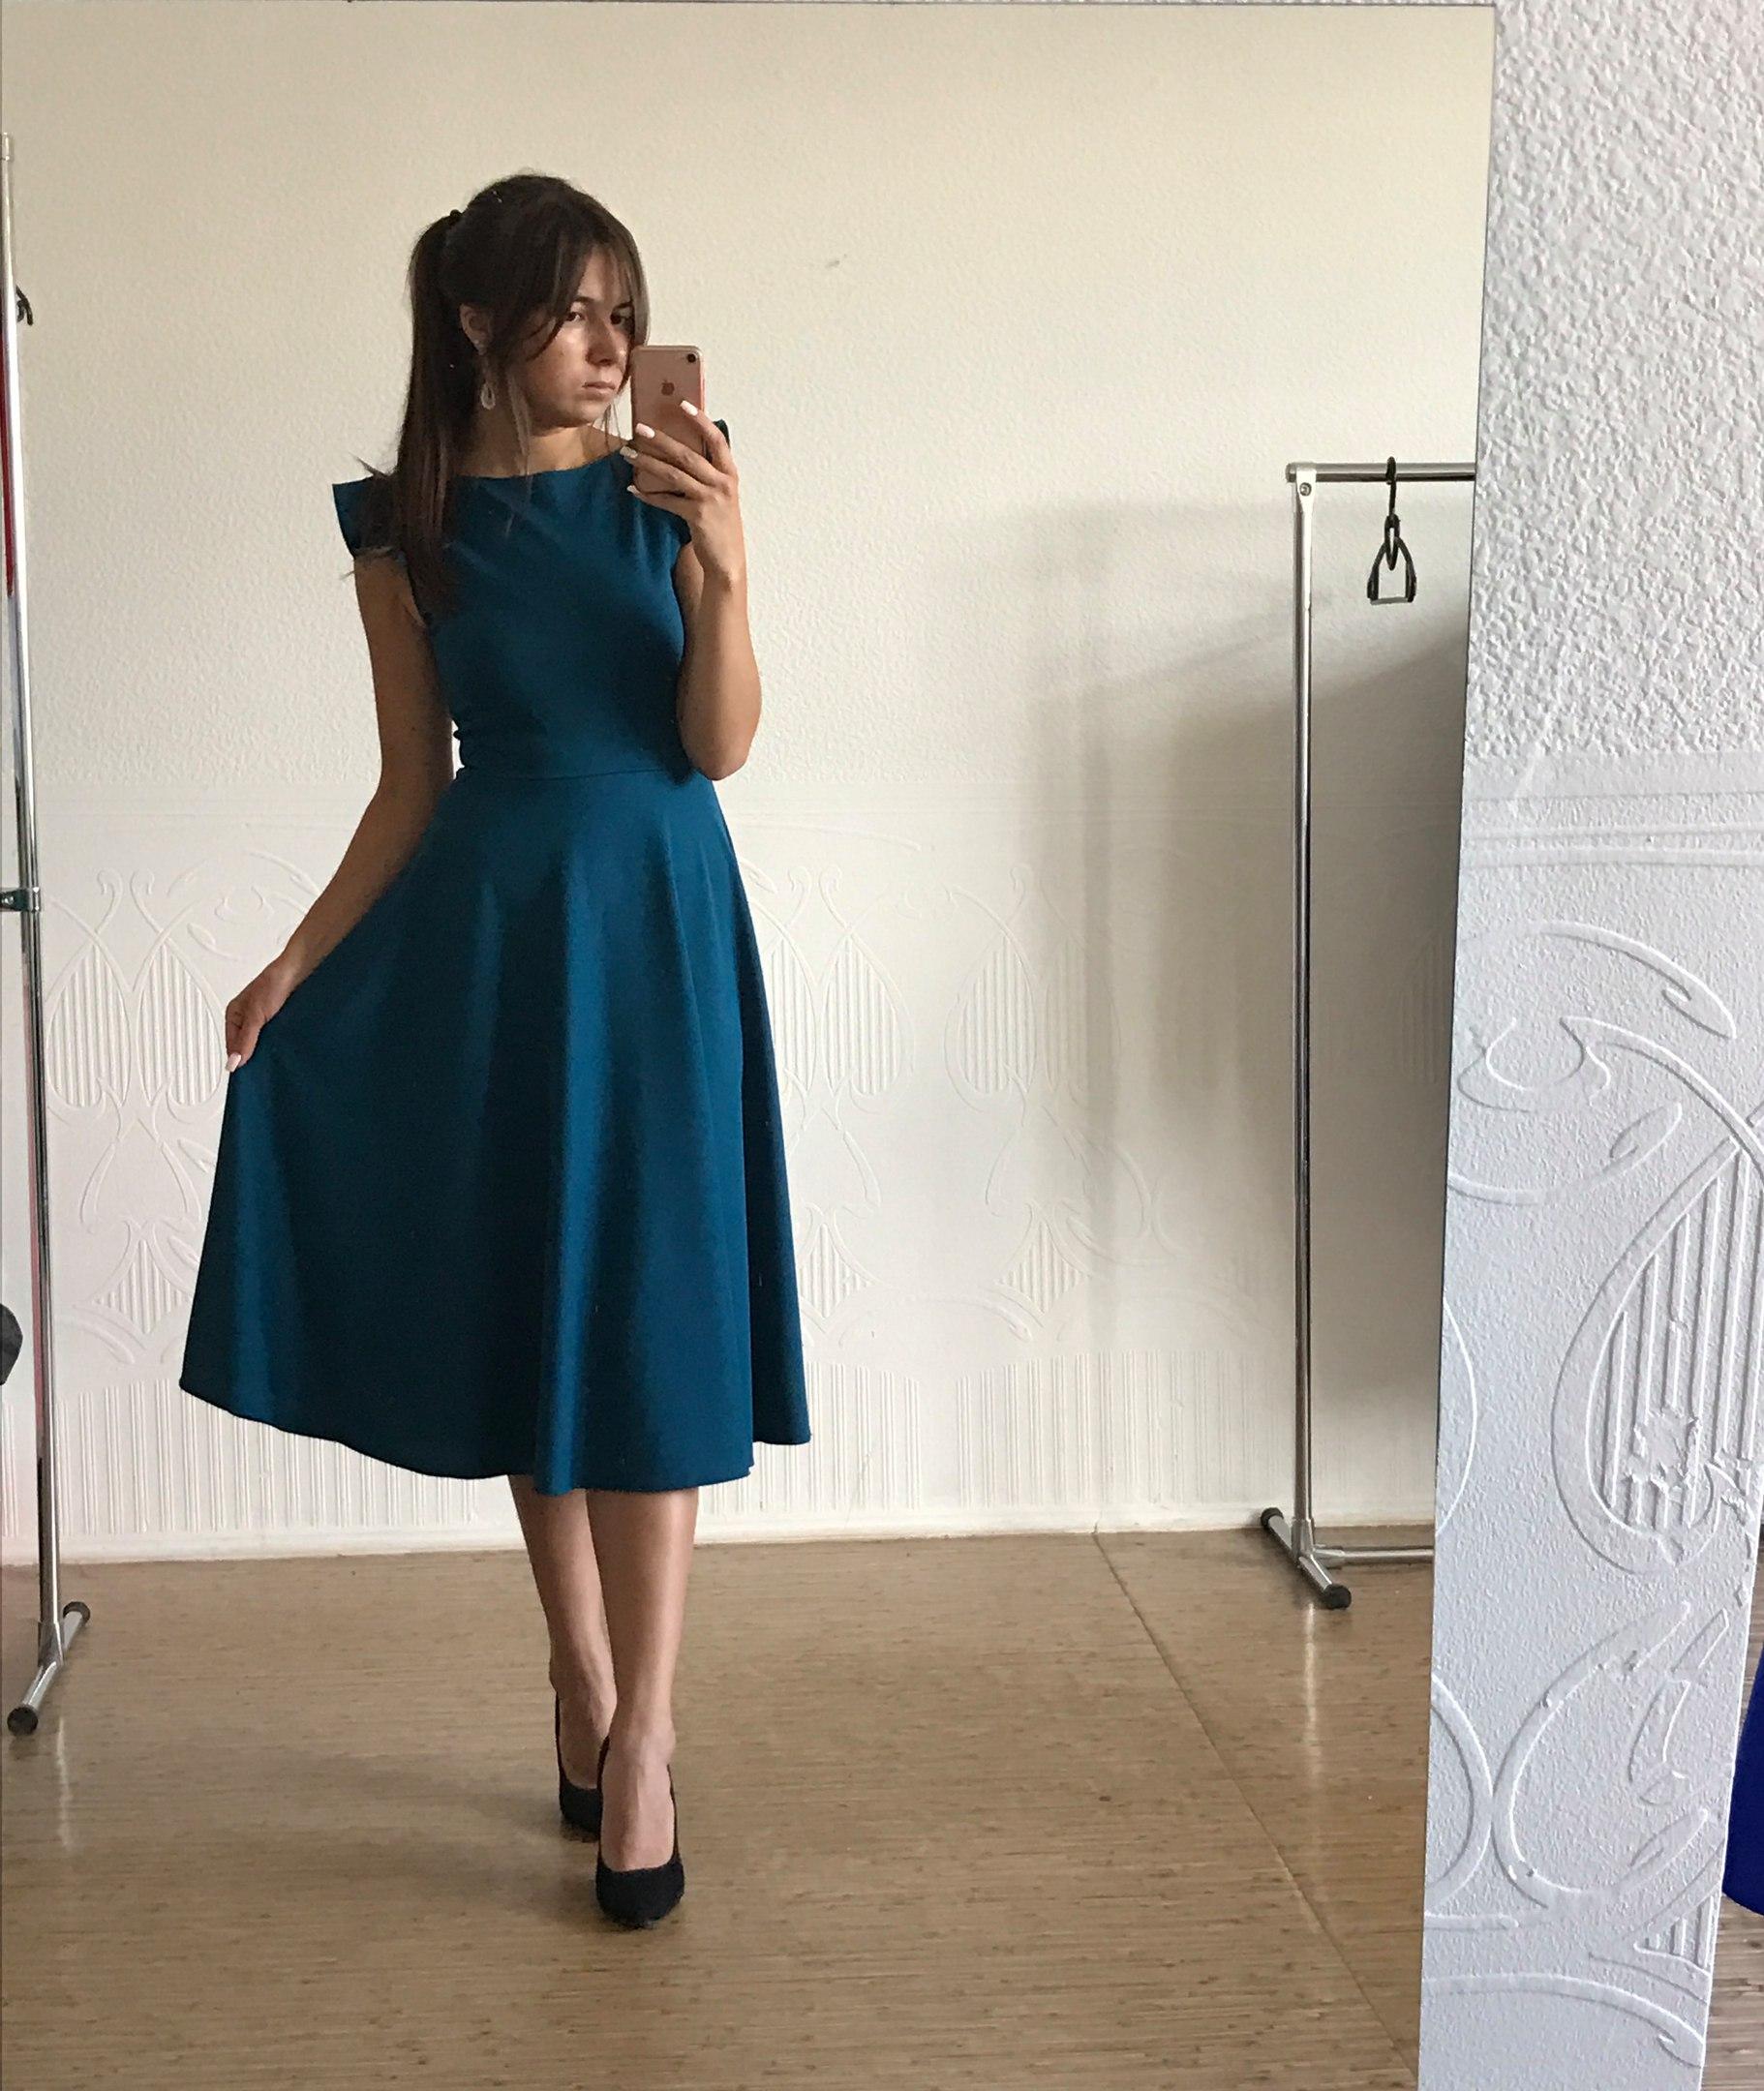 Заказы платьев в чебоксарах